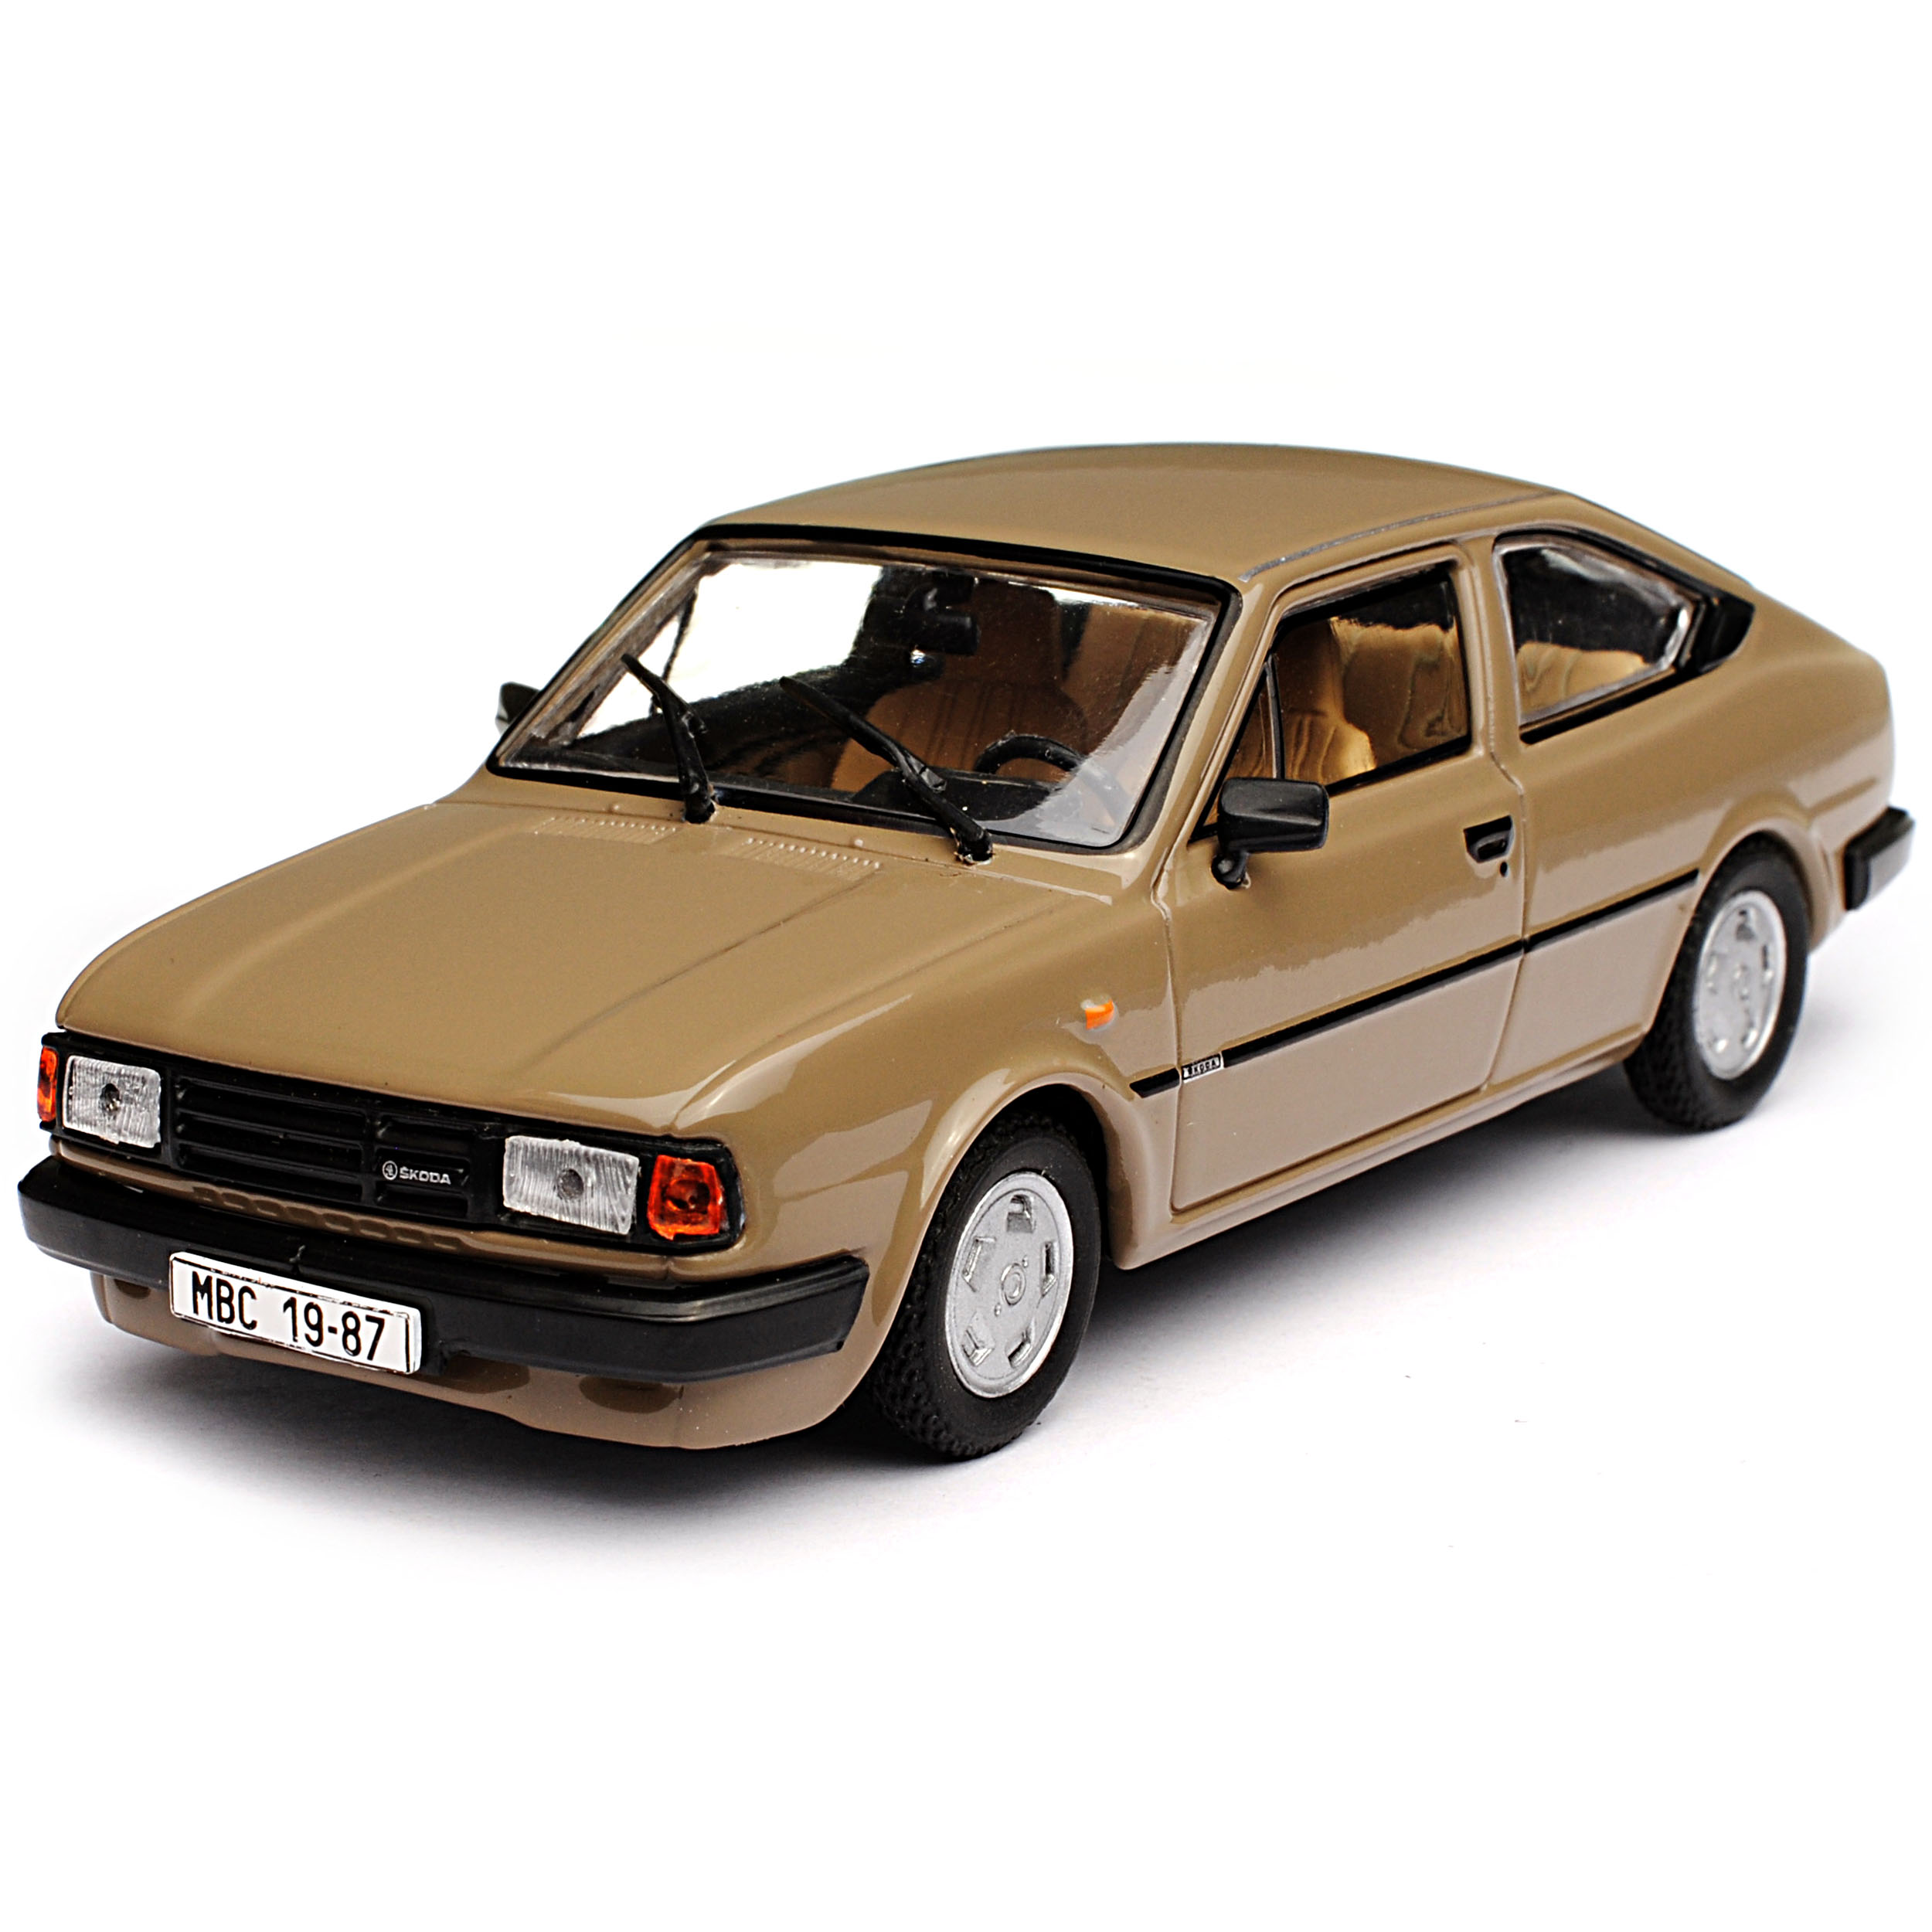 Skoda Rapid 136 Coupe Stein Braun 1984-1990 720RE 1 43 43 43 Abrex Modell Auto mit o..  | Deutschland Online Shop  3d7028